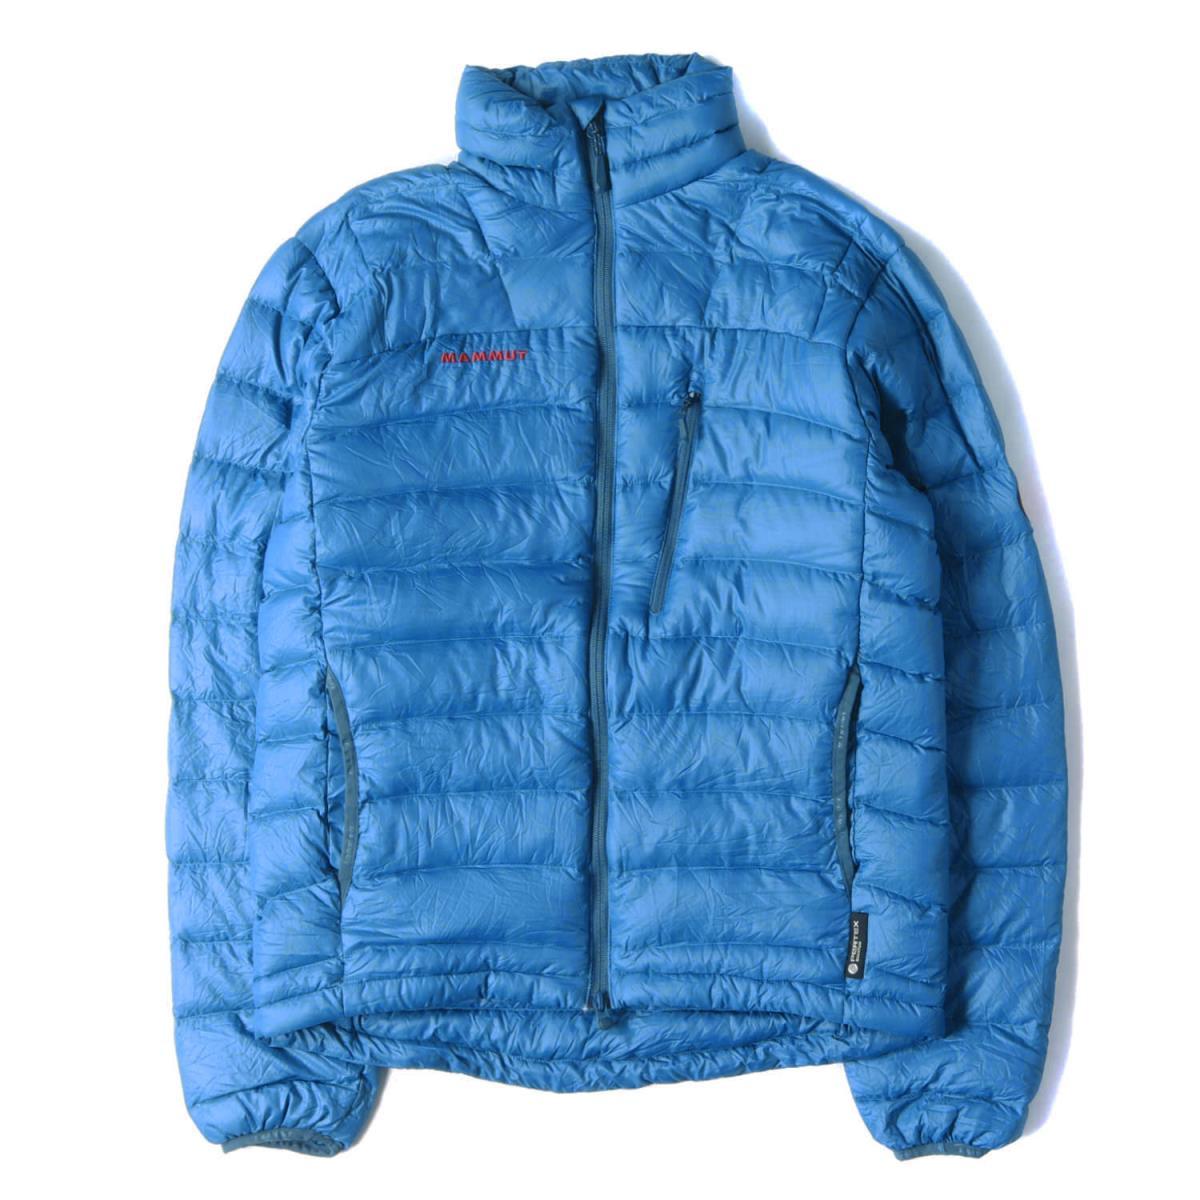 MAMMUT マムート ジャケット ビロードピーク2 ナイロン ダウンジャケット BROAD PEAK 2 JACKET ブルー L(ASIA) 【メンズ】【中古】【K2565】